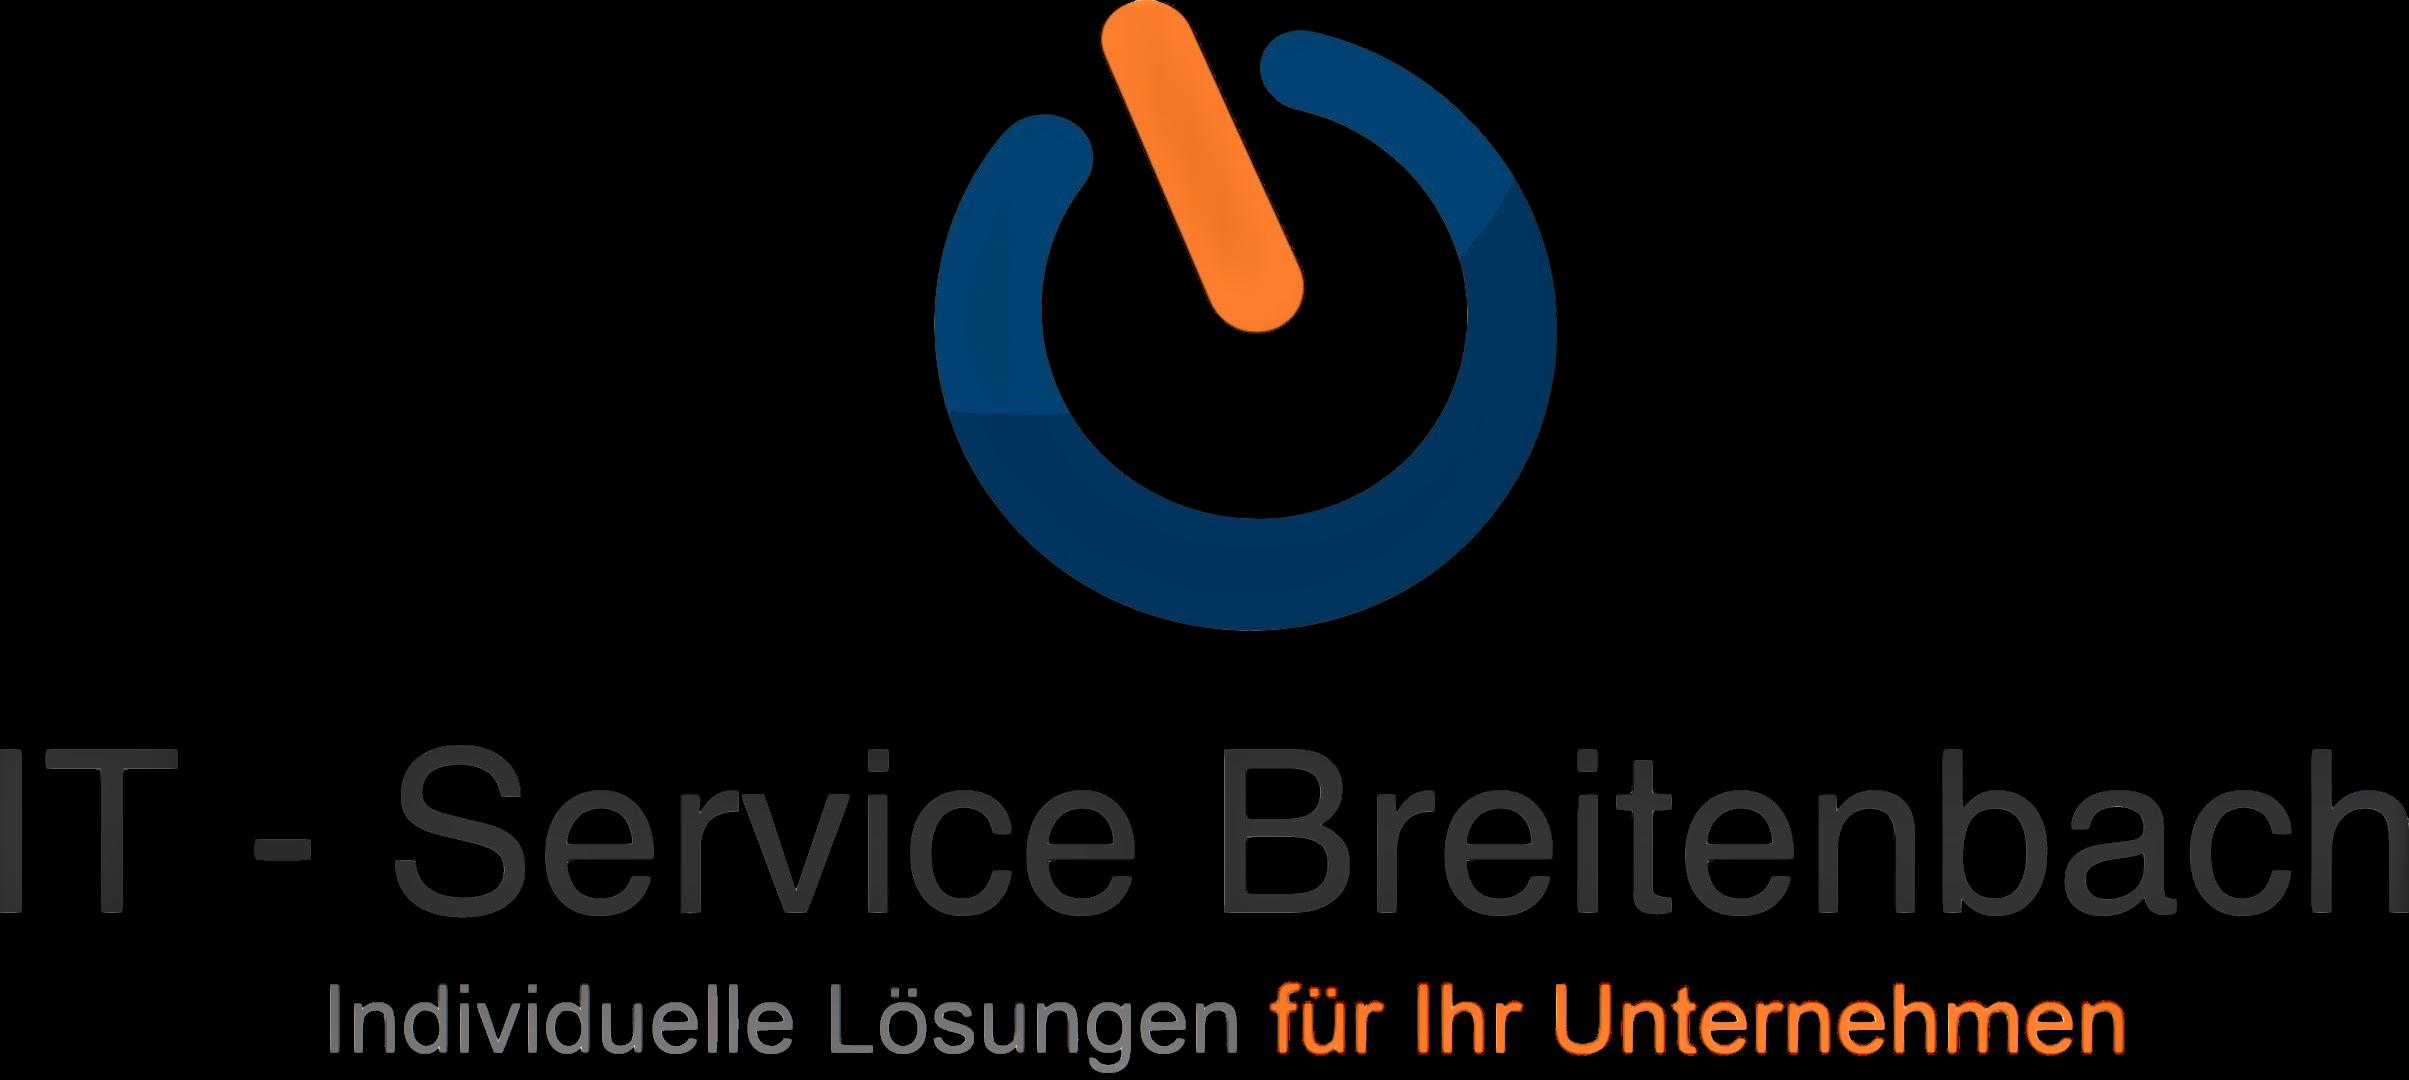 IT Service Berlin | IT Dienstleister Berlin | IT Beratung | IT Betreuung | IT Service Breitenbach